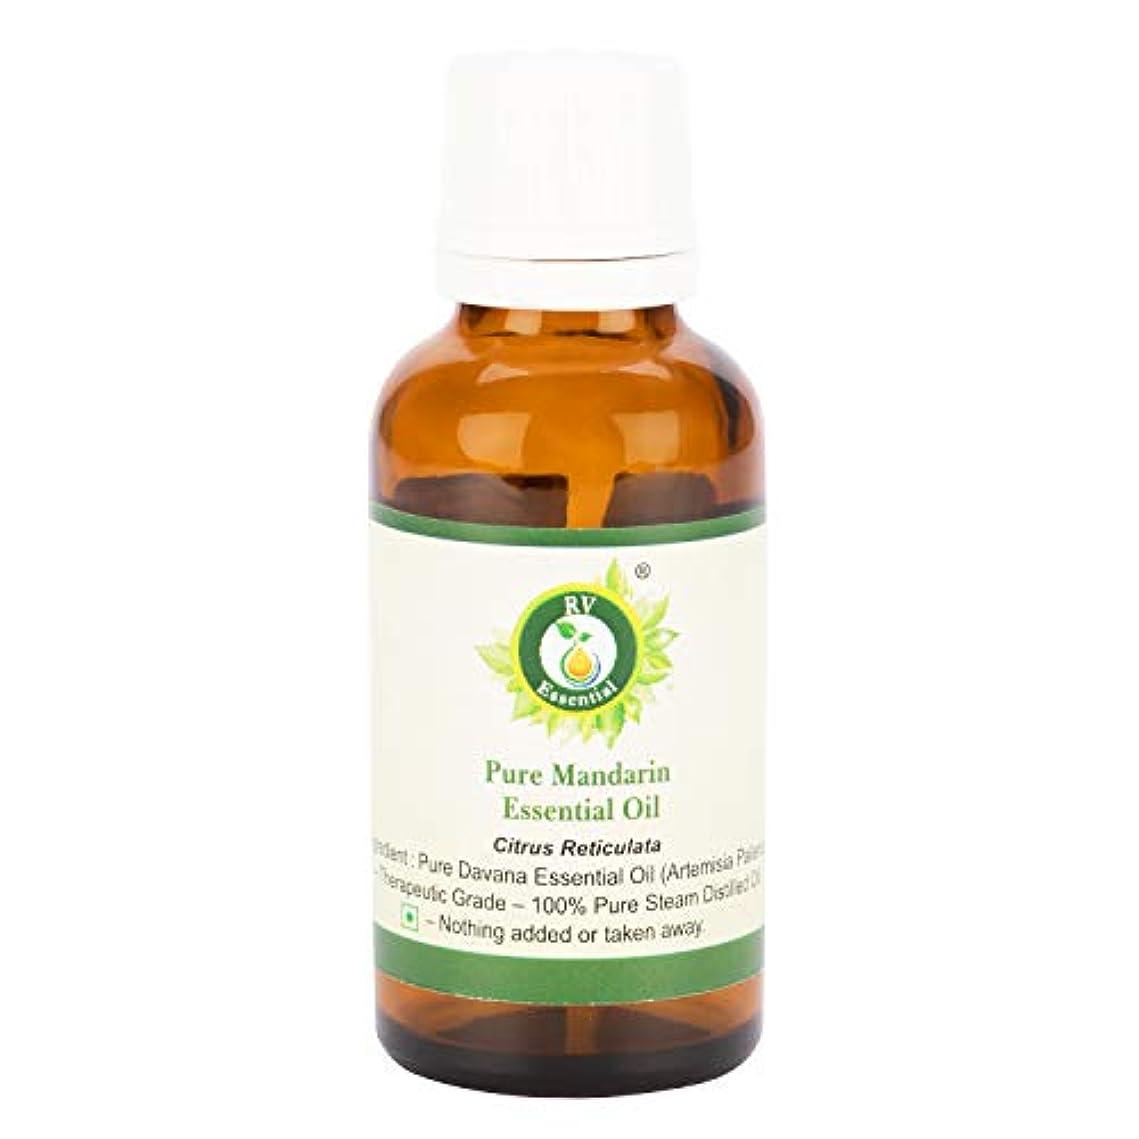 ショートメロディー生じるピュアマンダリンエッセンシャルオイル5ml (0.169oz)- Citrus Reticulata (100%純粋&天然スチームDistilled) Pure Mandarin Essential Oil